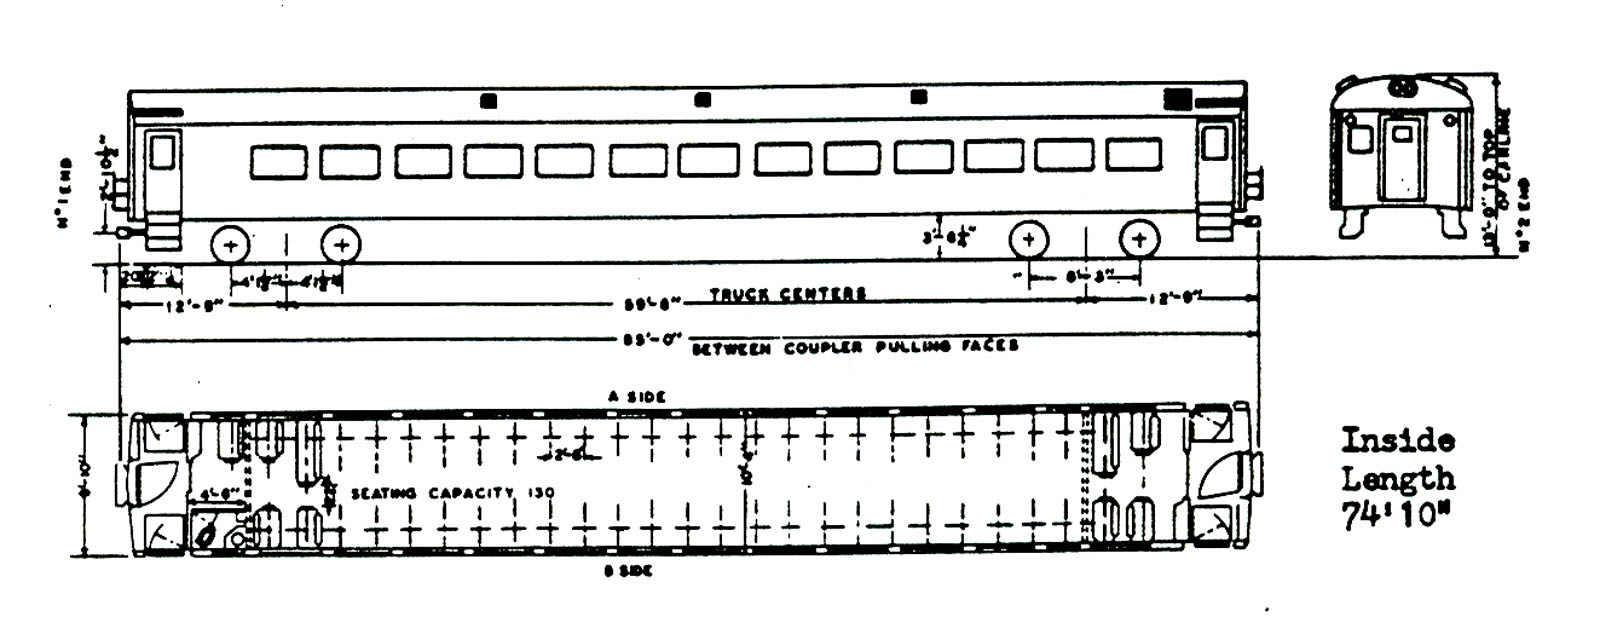 1961 - 130 SEAT MU COACH